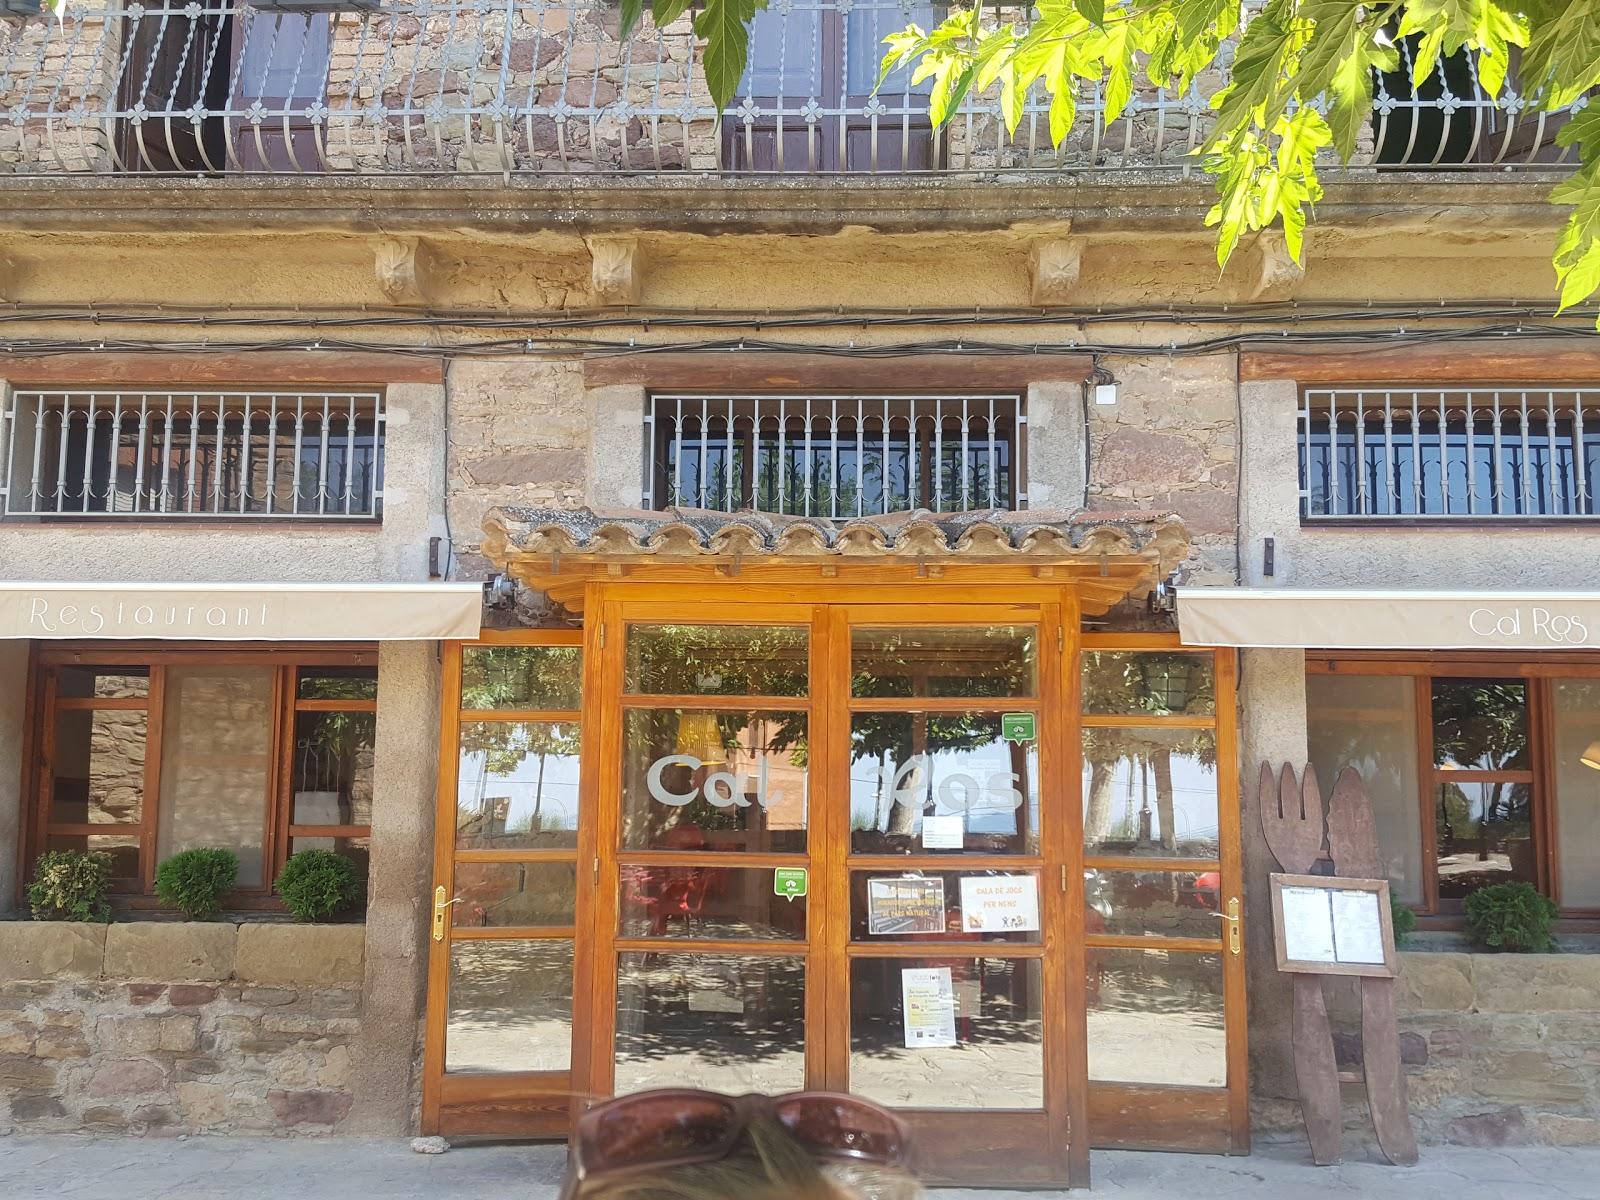 Restaurante Cal Ros